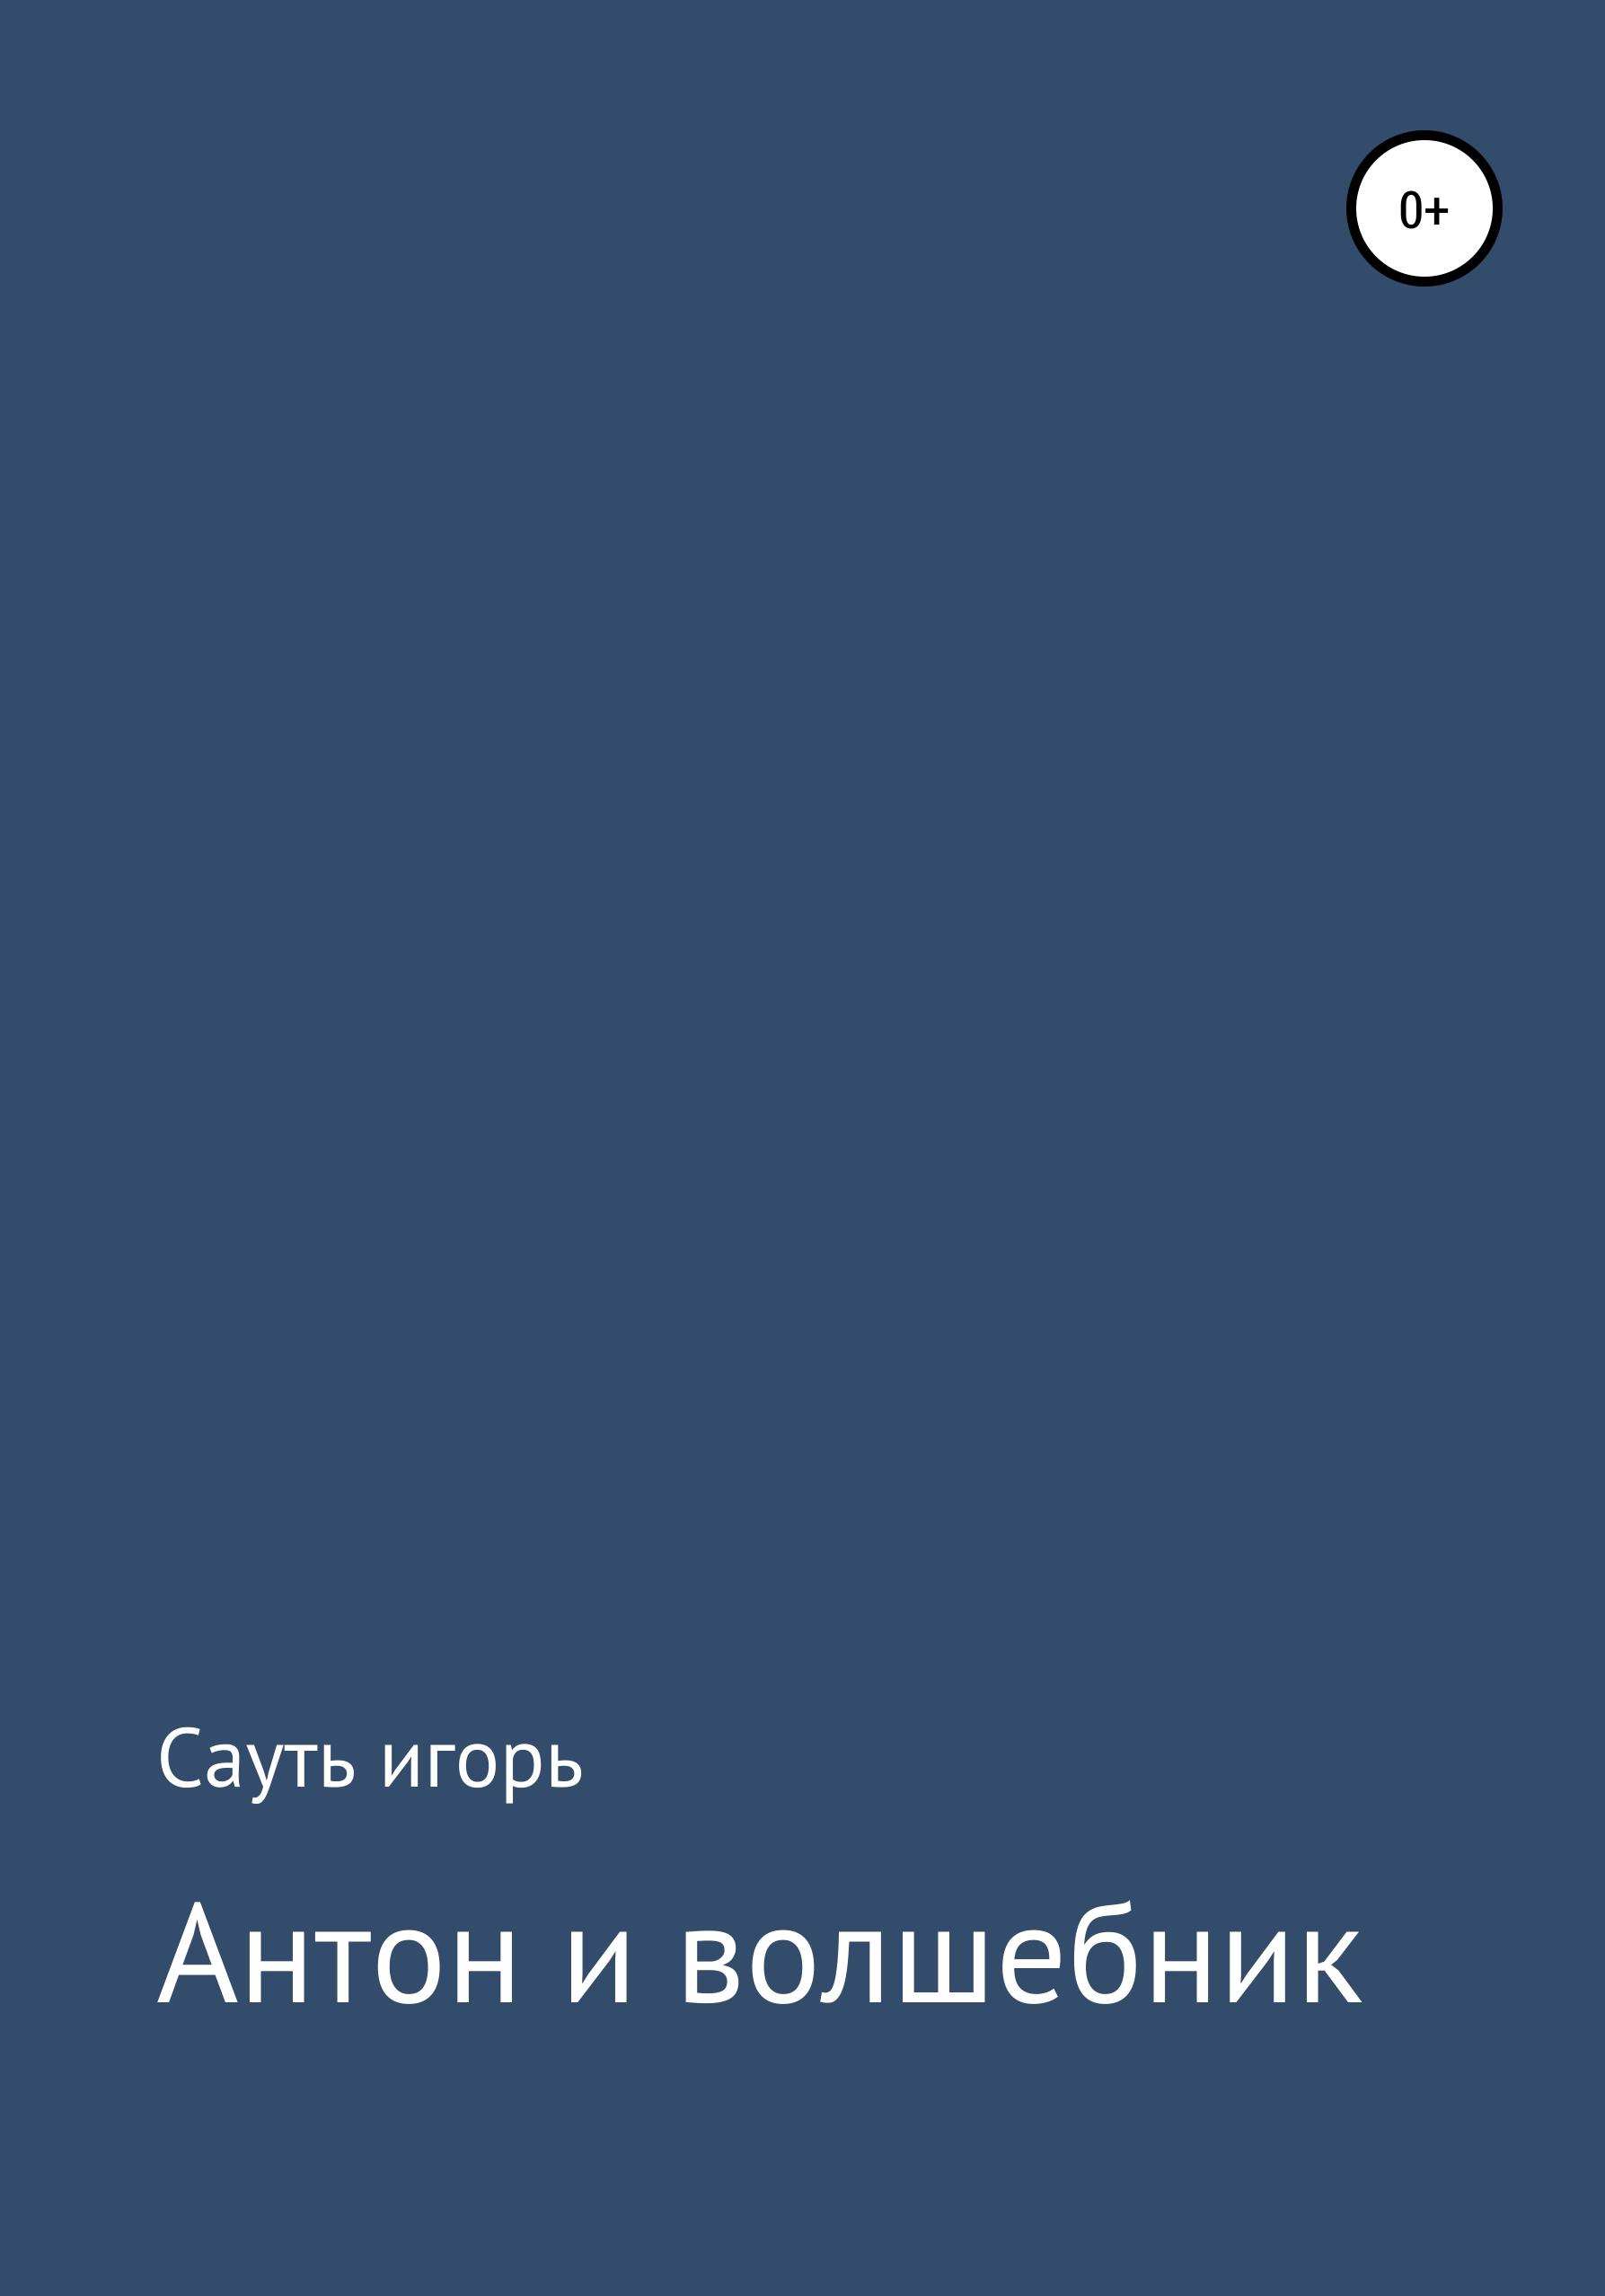 Купить книгу Антон и волшебник, автора Игоря Станиславовича Сауть